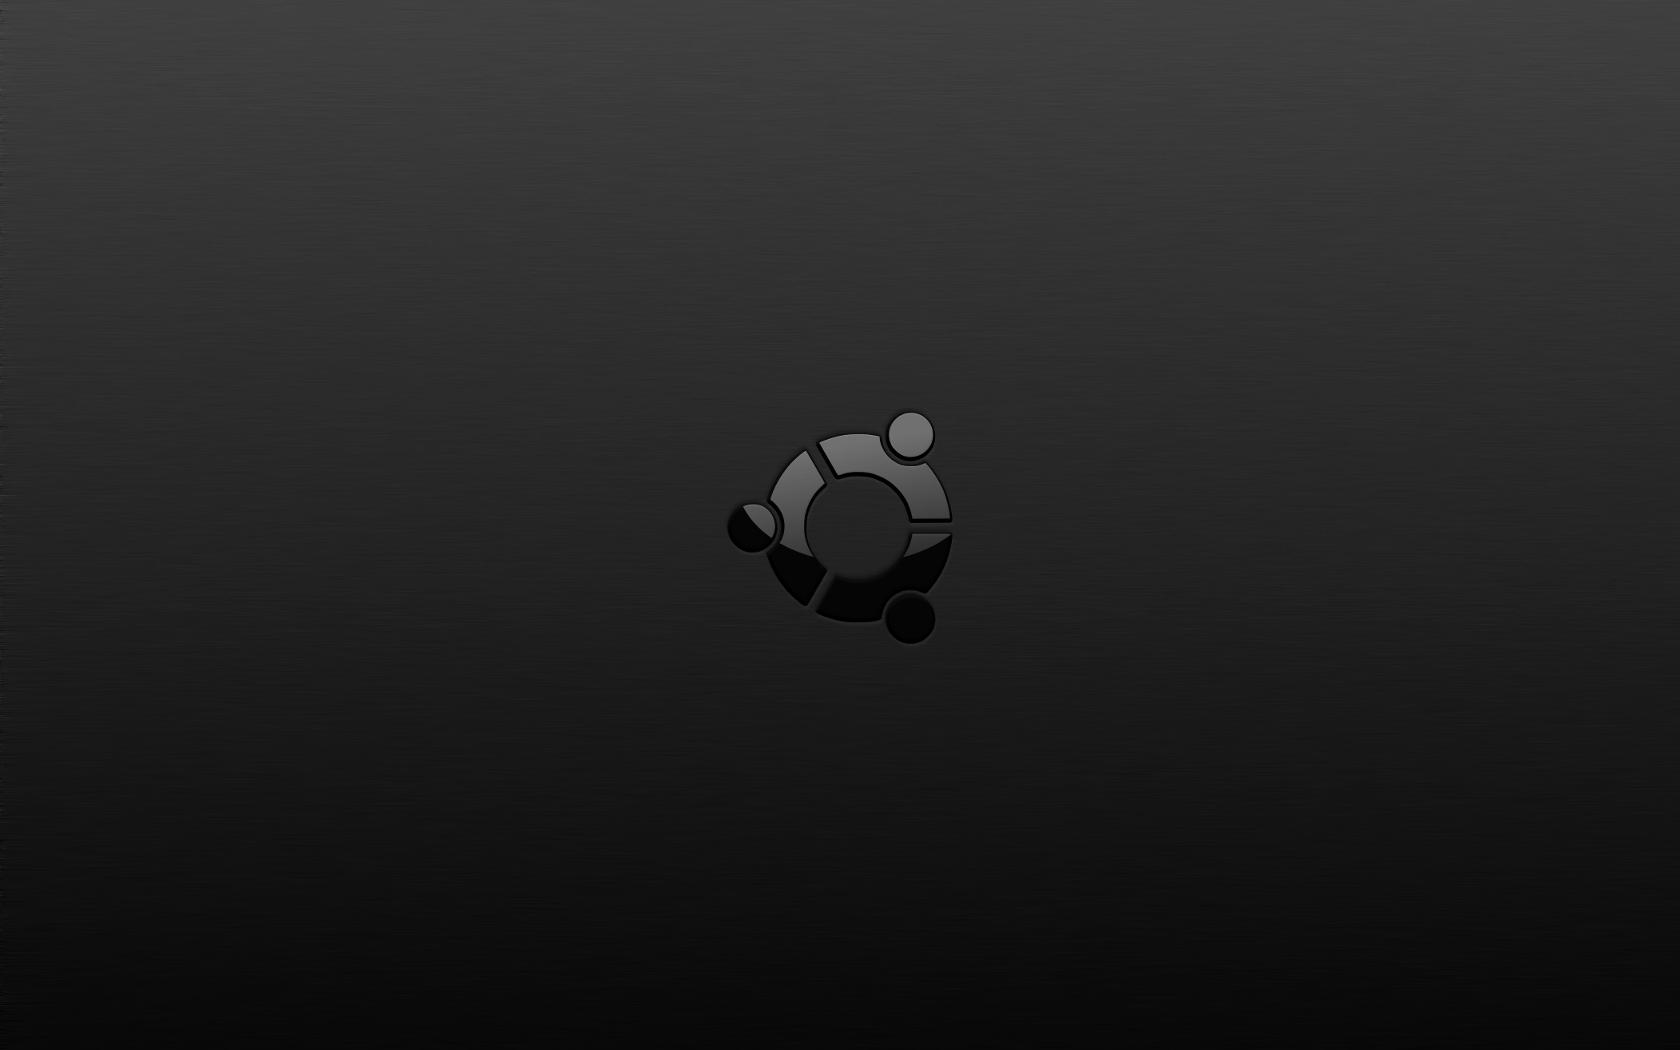 Dark Ubuntu Wallpapers 1680x1050